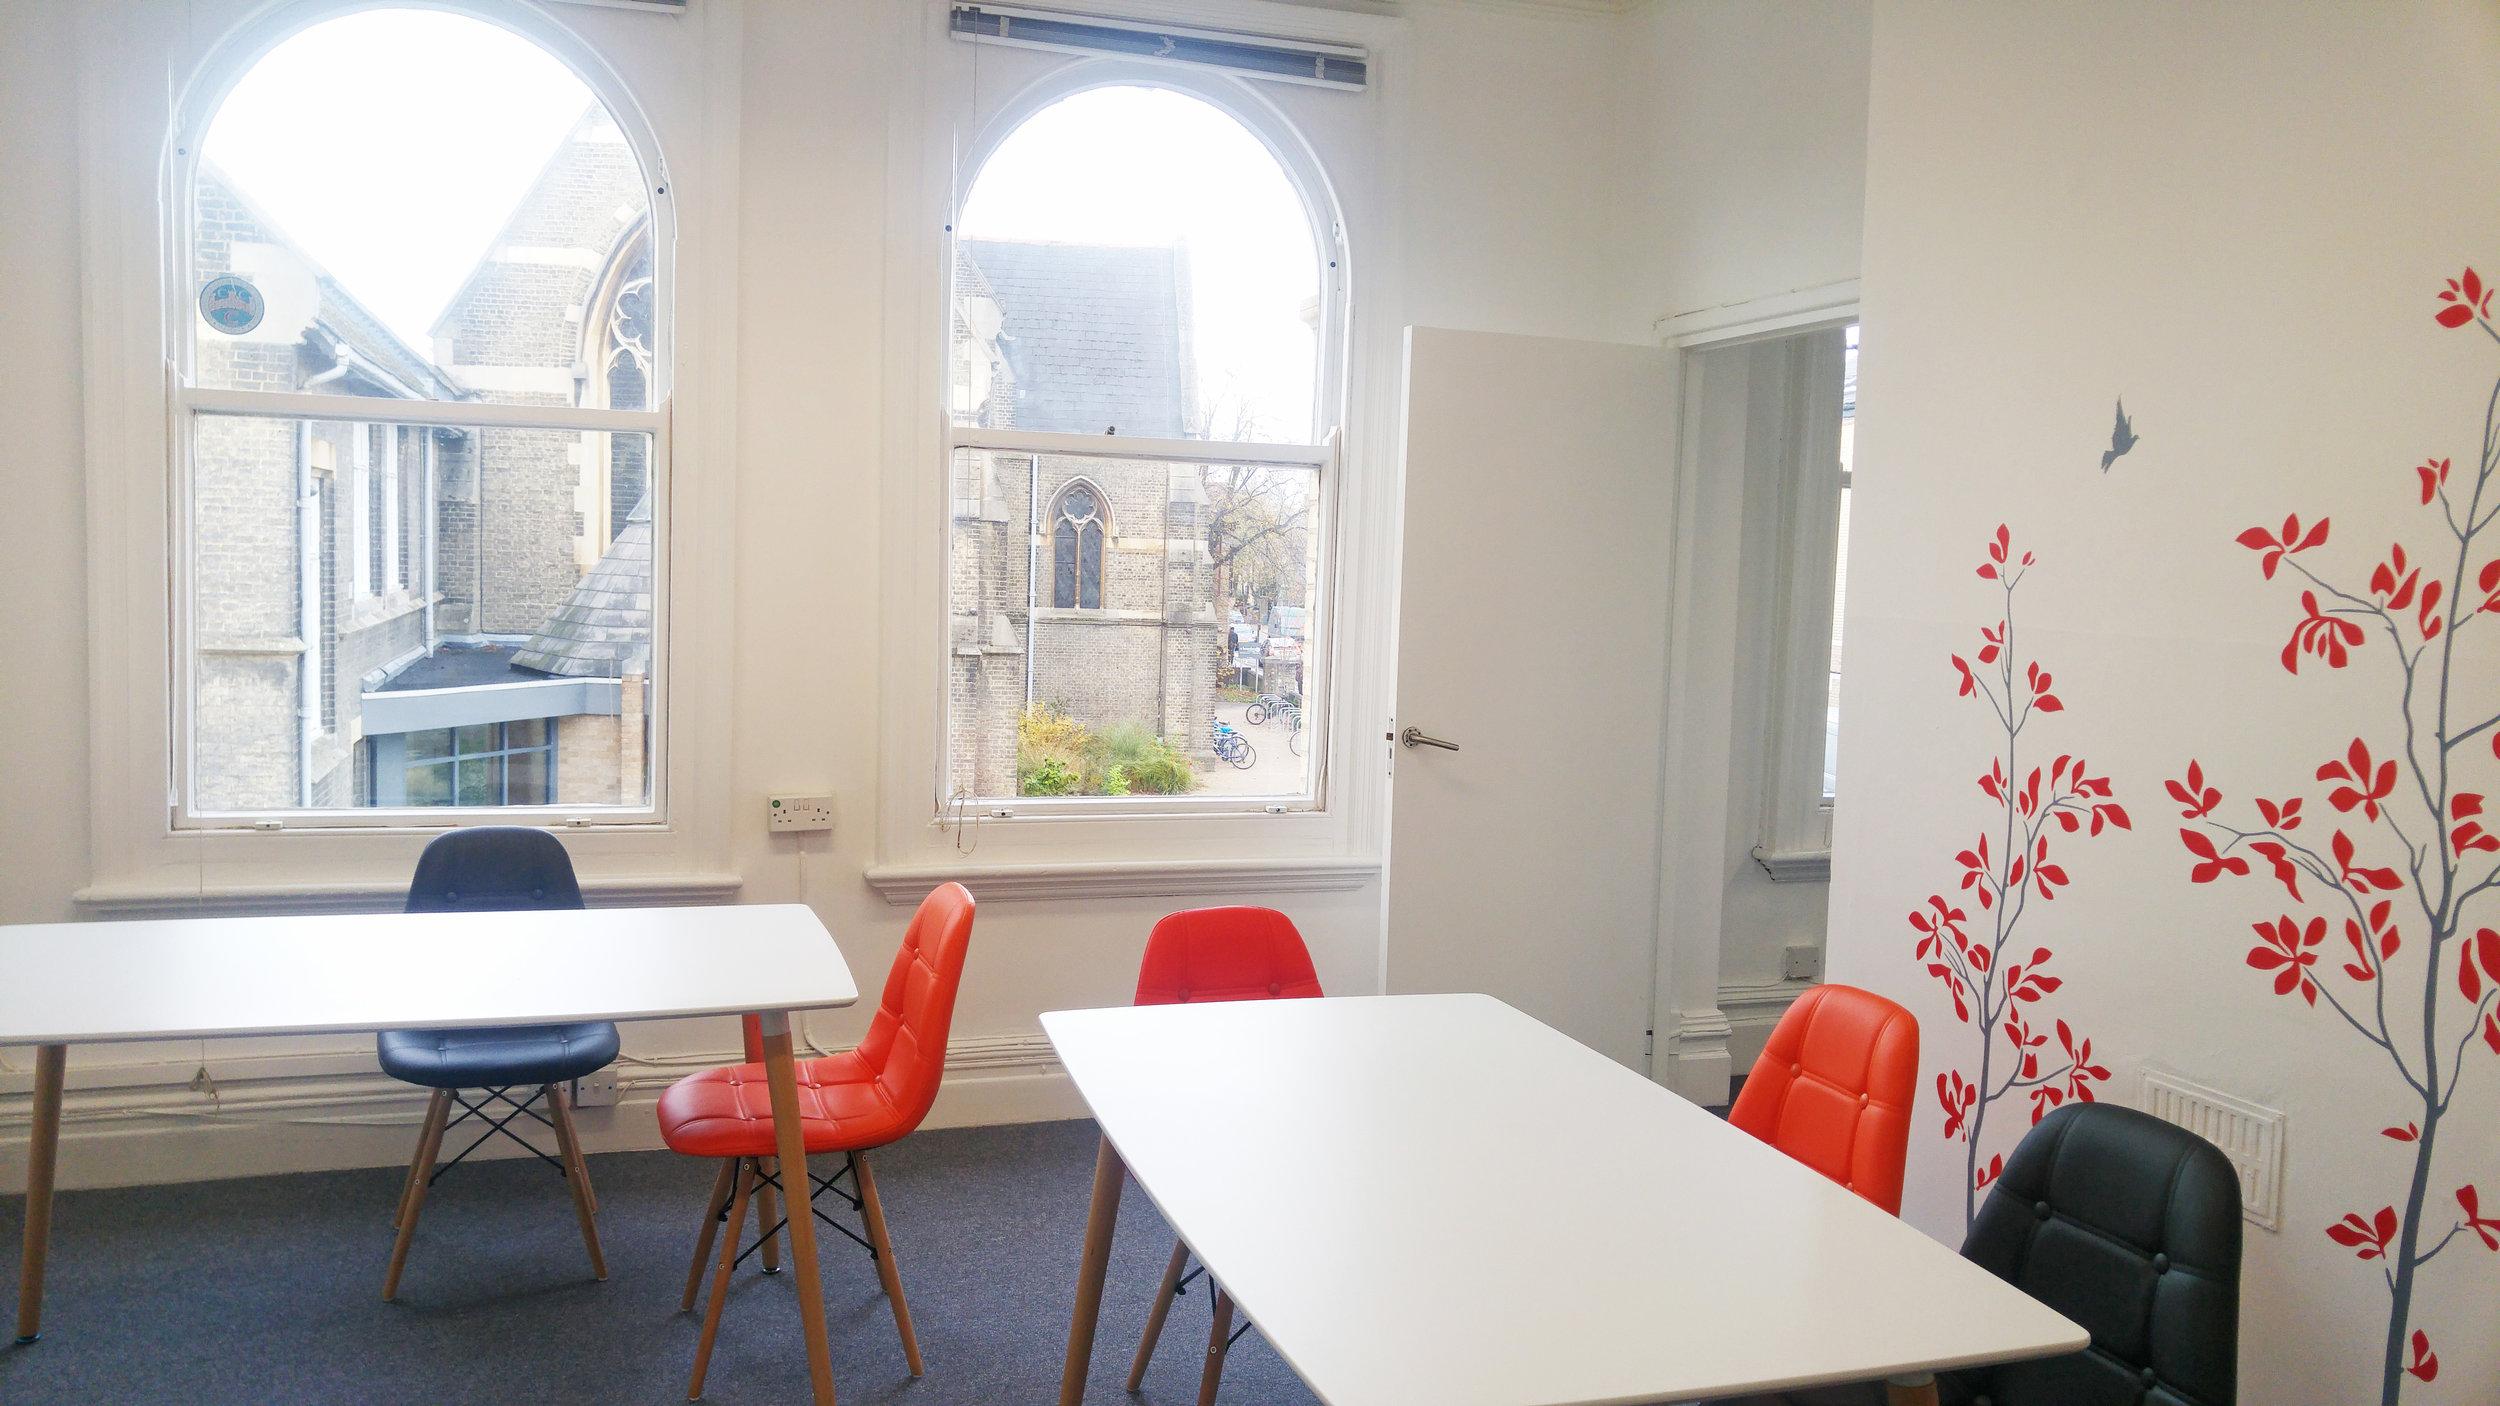 meeting-room-2-edited.jpg